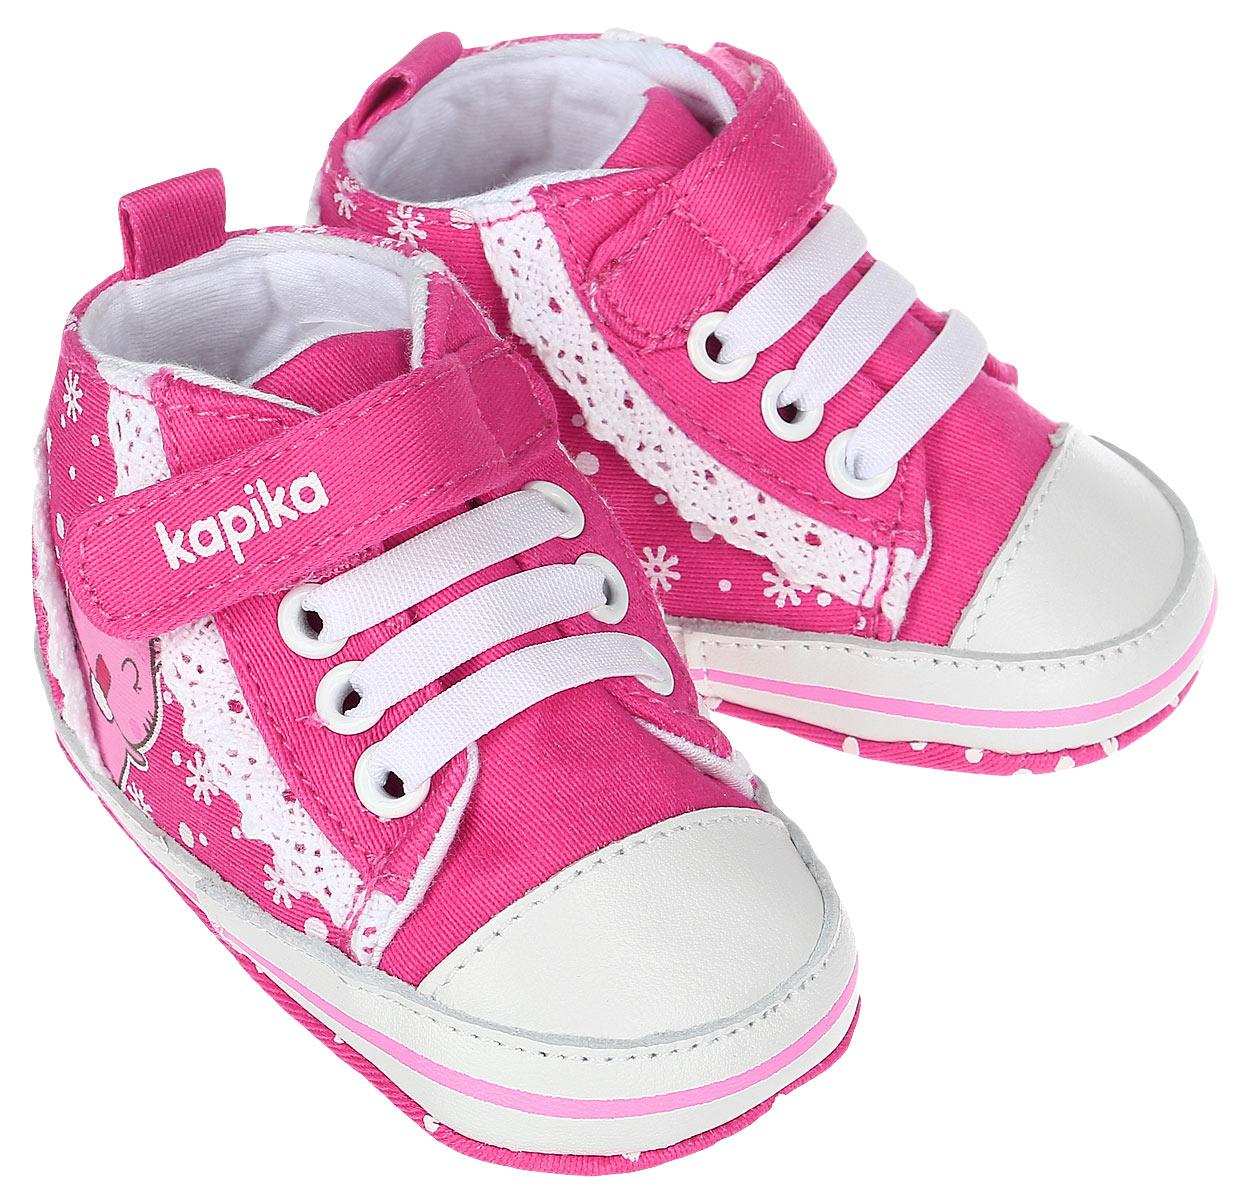 Пинетки для девочки Kapika, цвет: розовый, белый. 10120. Размер 1810120Стильные и модные пинетки для девочки Kapika великолепно дополнят наряд маленькой модницы. В них ваша малышка будет чувствовать себякомфортно и непринужденно. Пинетки выполнены из хлопка, оформленного принтом, с элементами из натуральной кожи. Модель на шнуровке,дополнена застежкой-липучкой, что надежно фиксирует пинетки на ножке ребенка и позволяет регулировать их объем. Пинетки декорированы кружевными оборками. Милые, нежные и удобные детские пинетки станут любимой обувью маленькой принцессы.